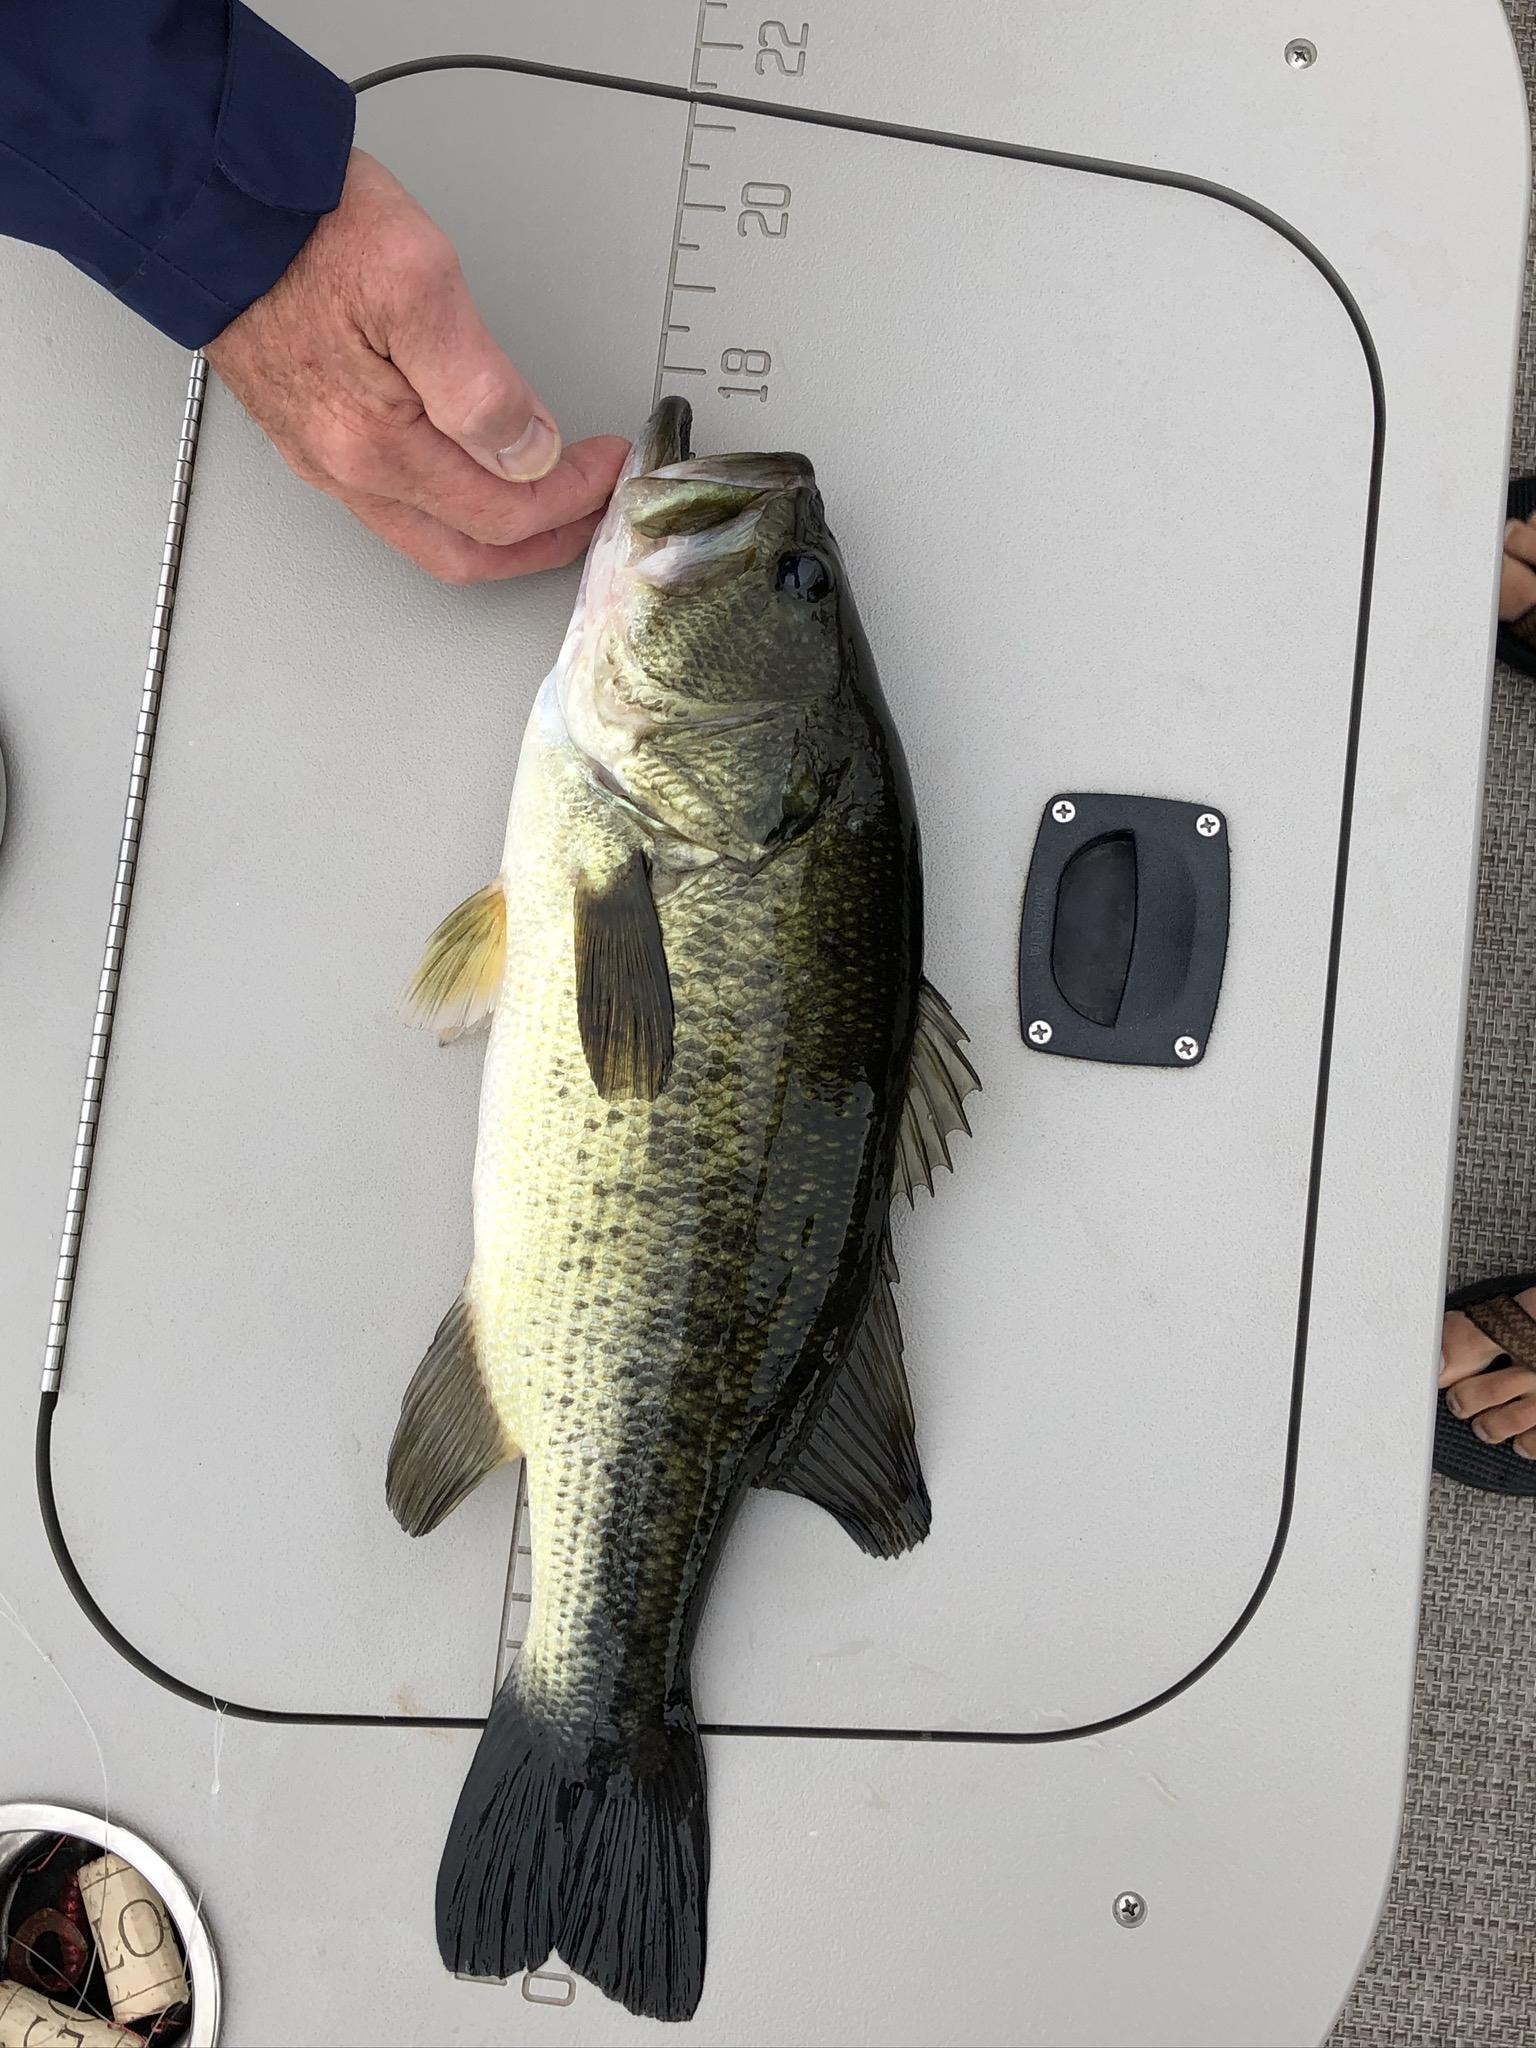 W. Ballard Bass July 13